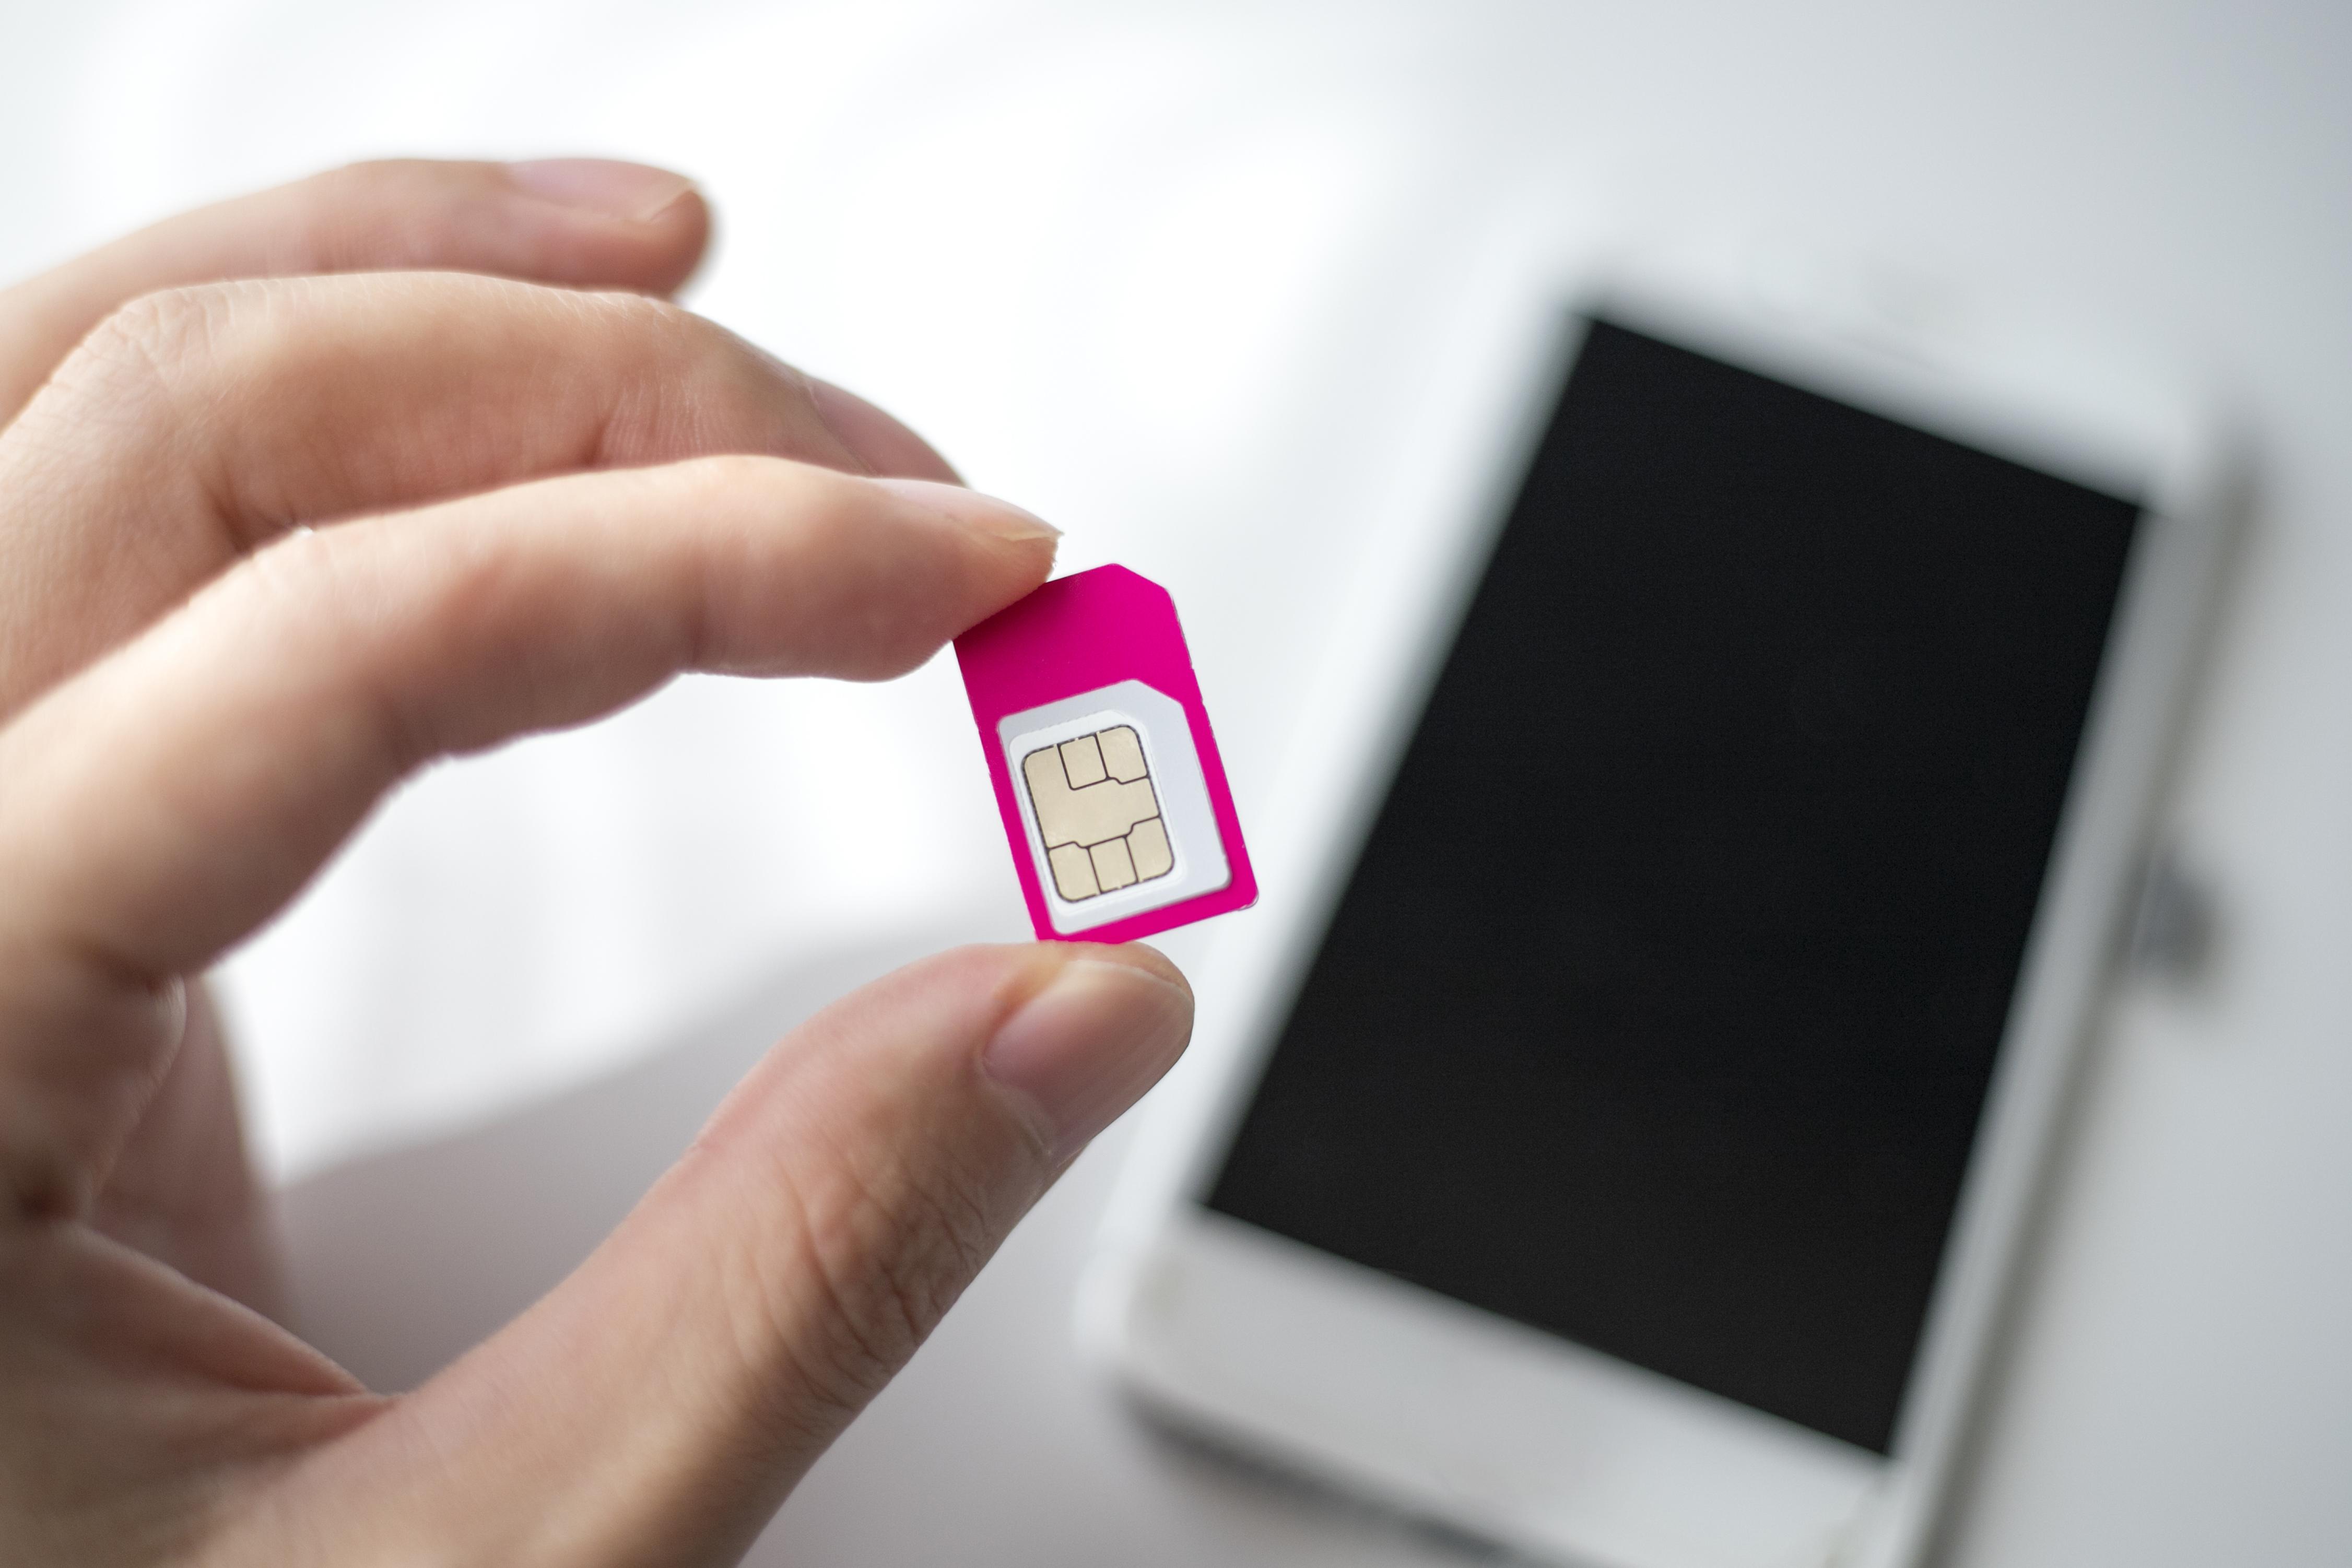 <p>15. Тайланд<br /> Винаги е добре да имате предплатена карта за мобилен телефон, когато пътувате, а в Тайланд това може да е доста евтино. В случай на извънредна ситуация или носталгия можете да говорите безплатно в продължение на 16 минути.</p>